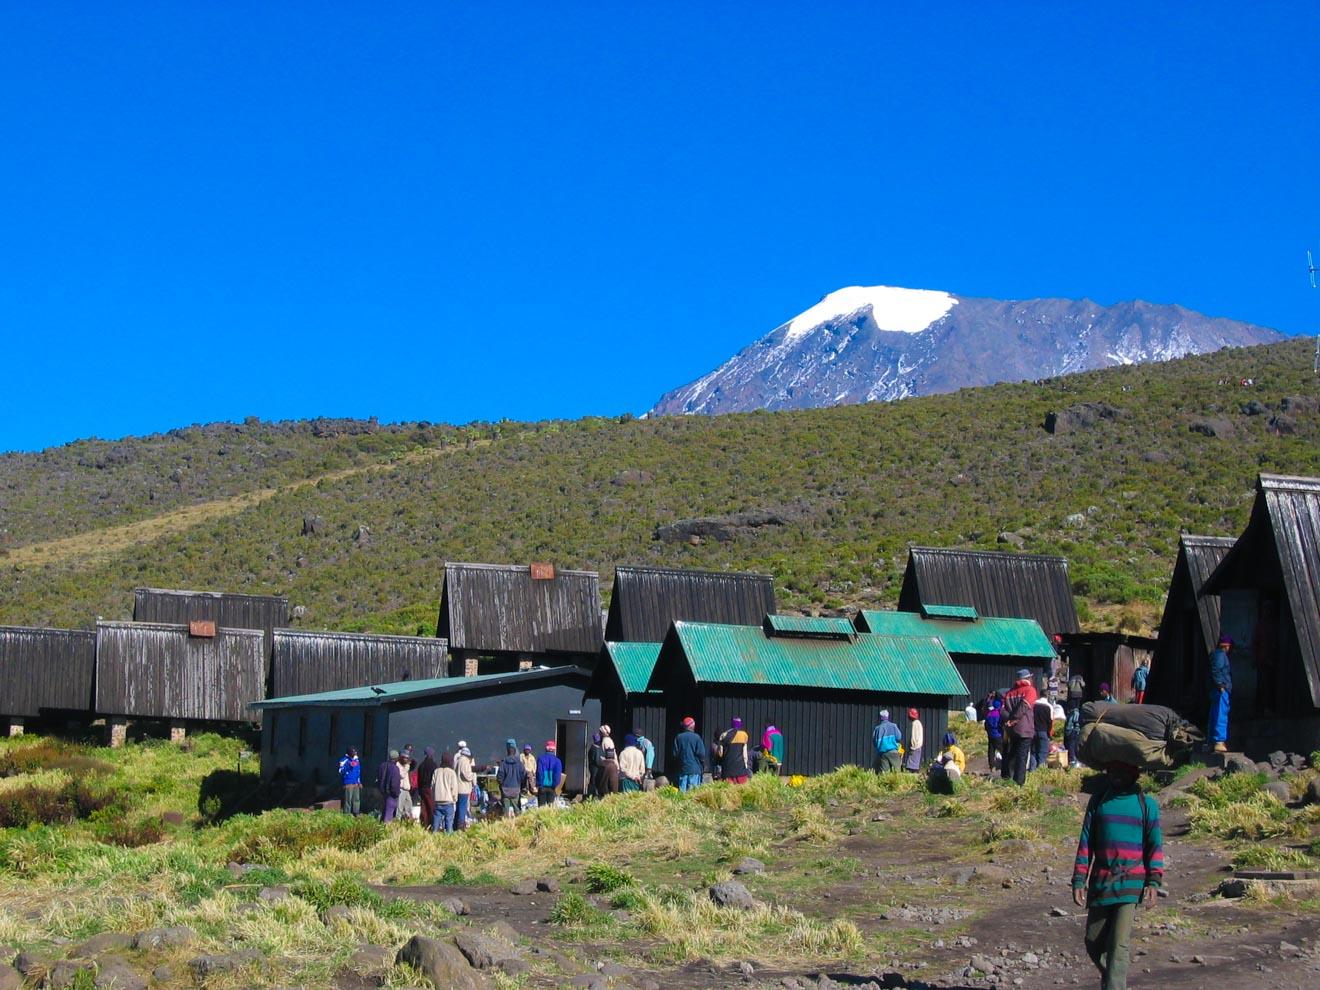 Escalar el Kilimanjaro: 7 cosas que debe saber antes de emprender la ruta Marangu